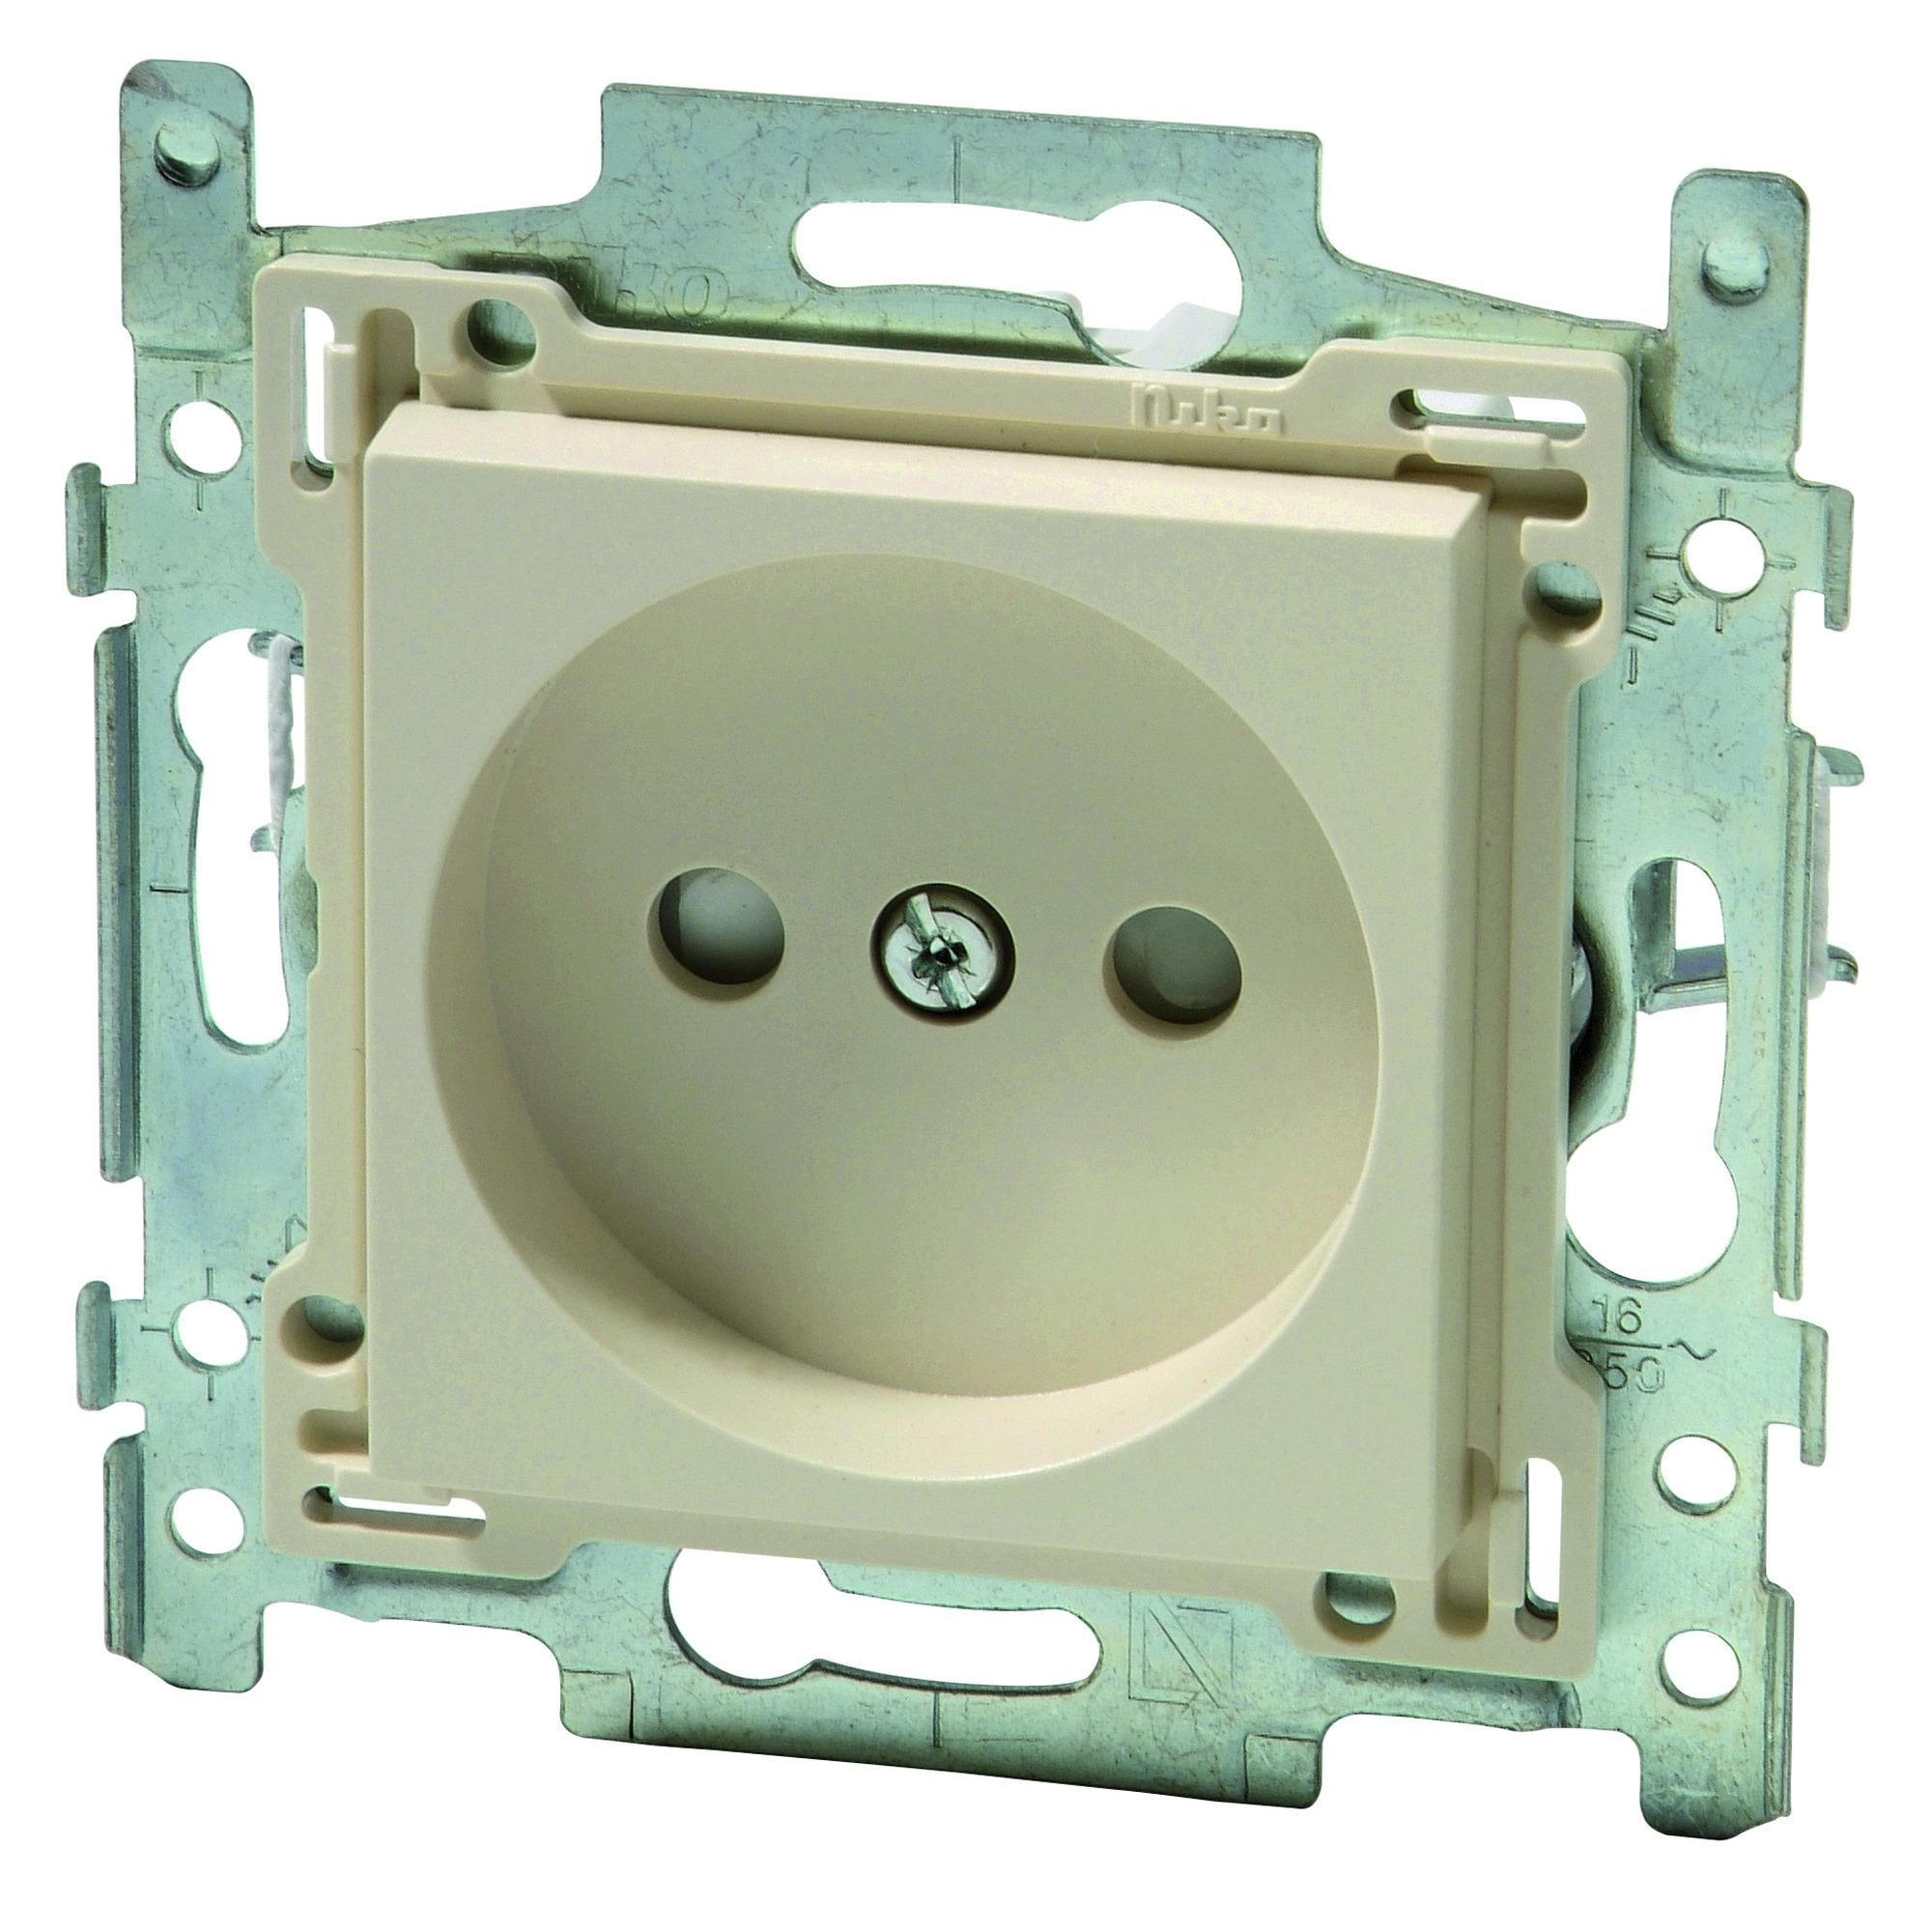 Niko stopcontact 2 polig zonder aarding 21 mm cream   Stopcontacten   Schakelmateriaal   Elektra